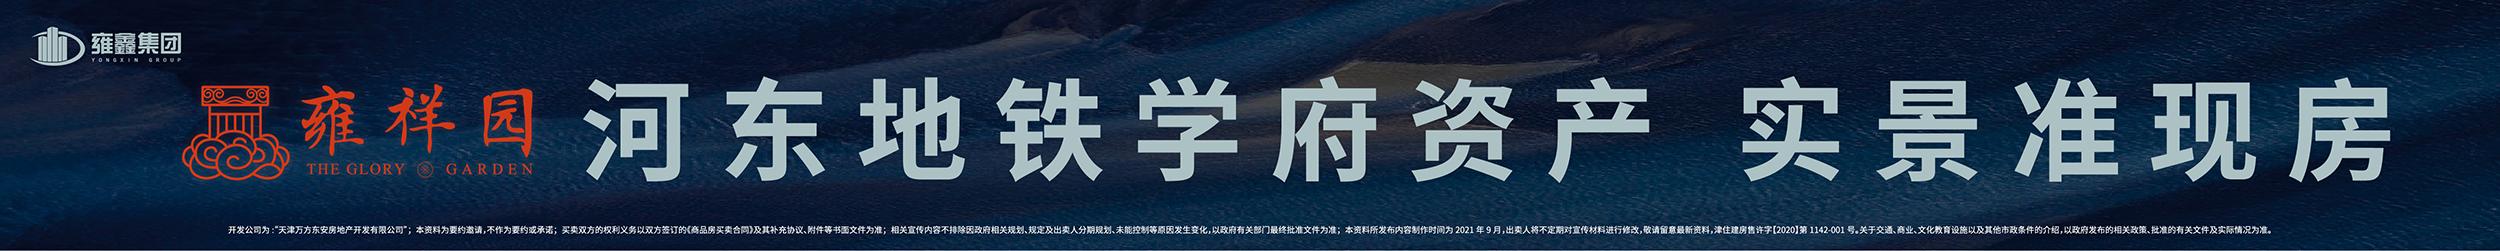 雍鑫·雍祥园